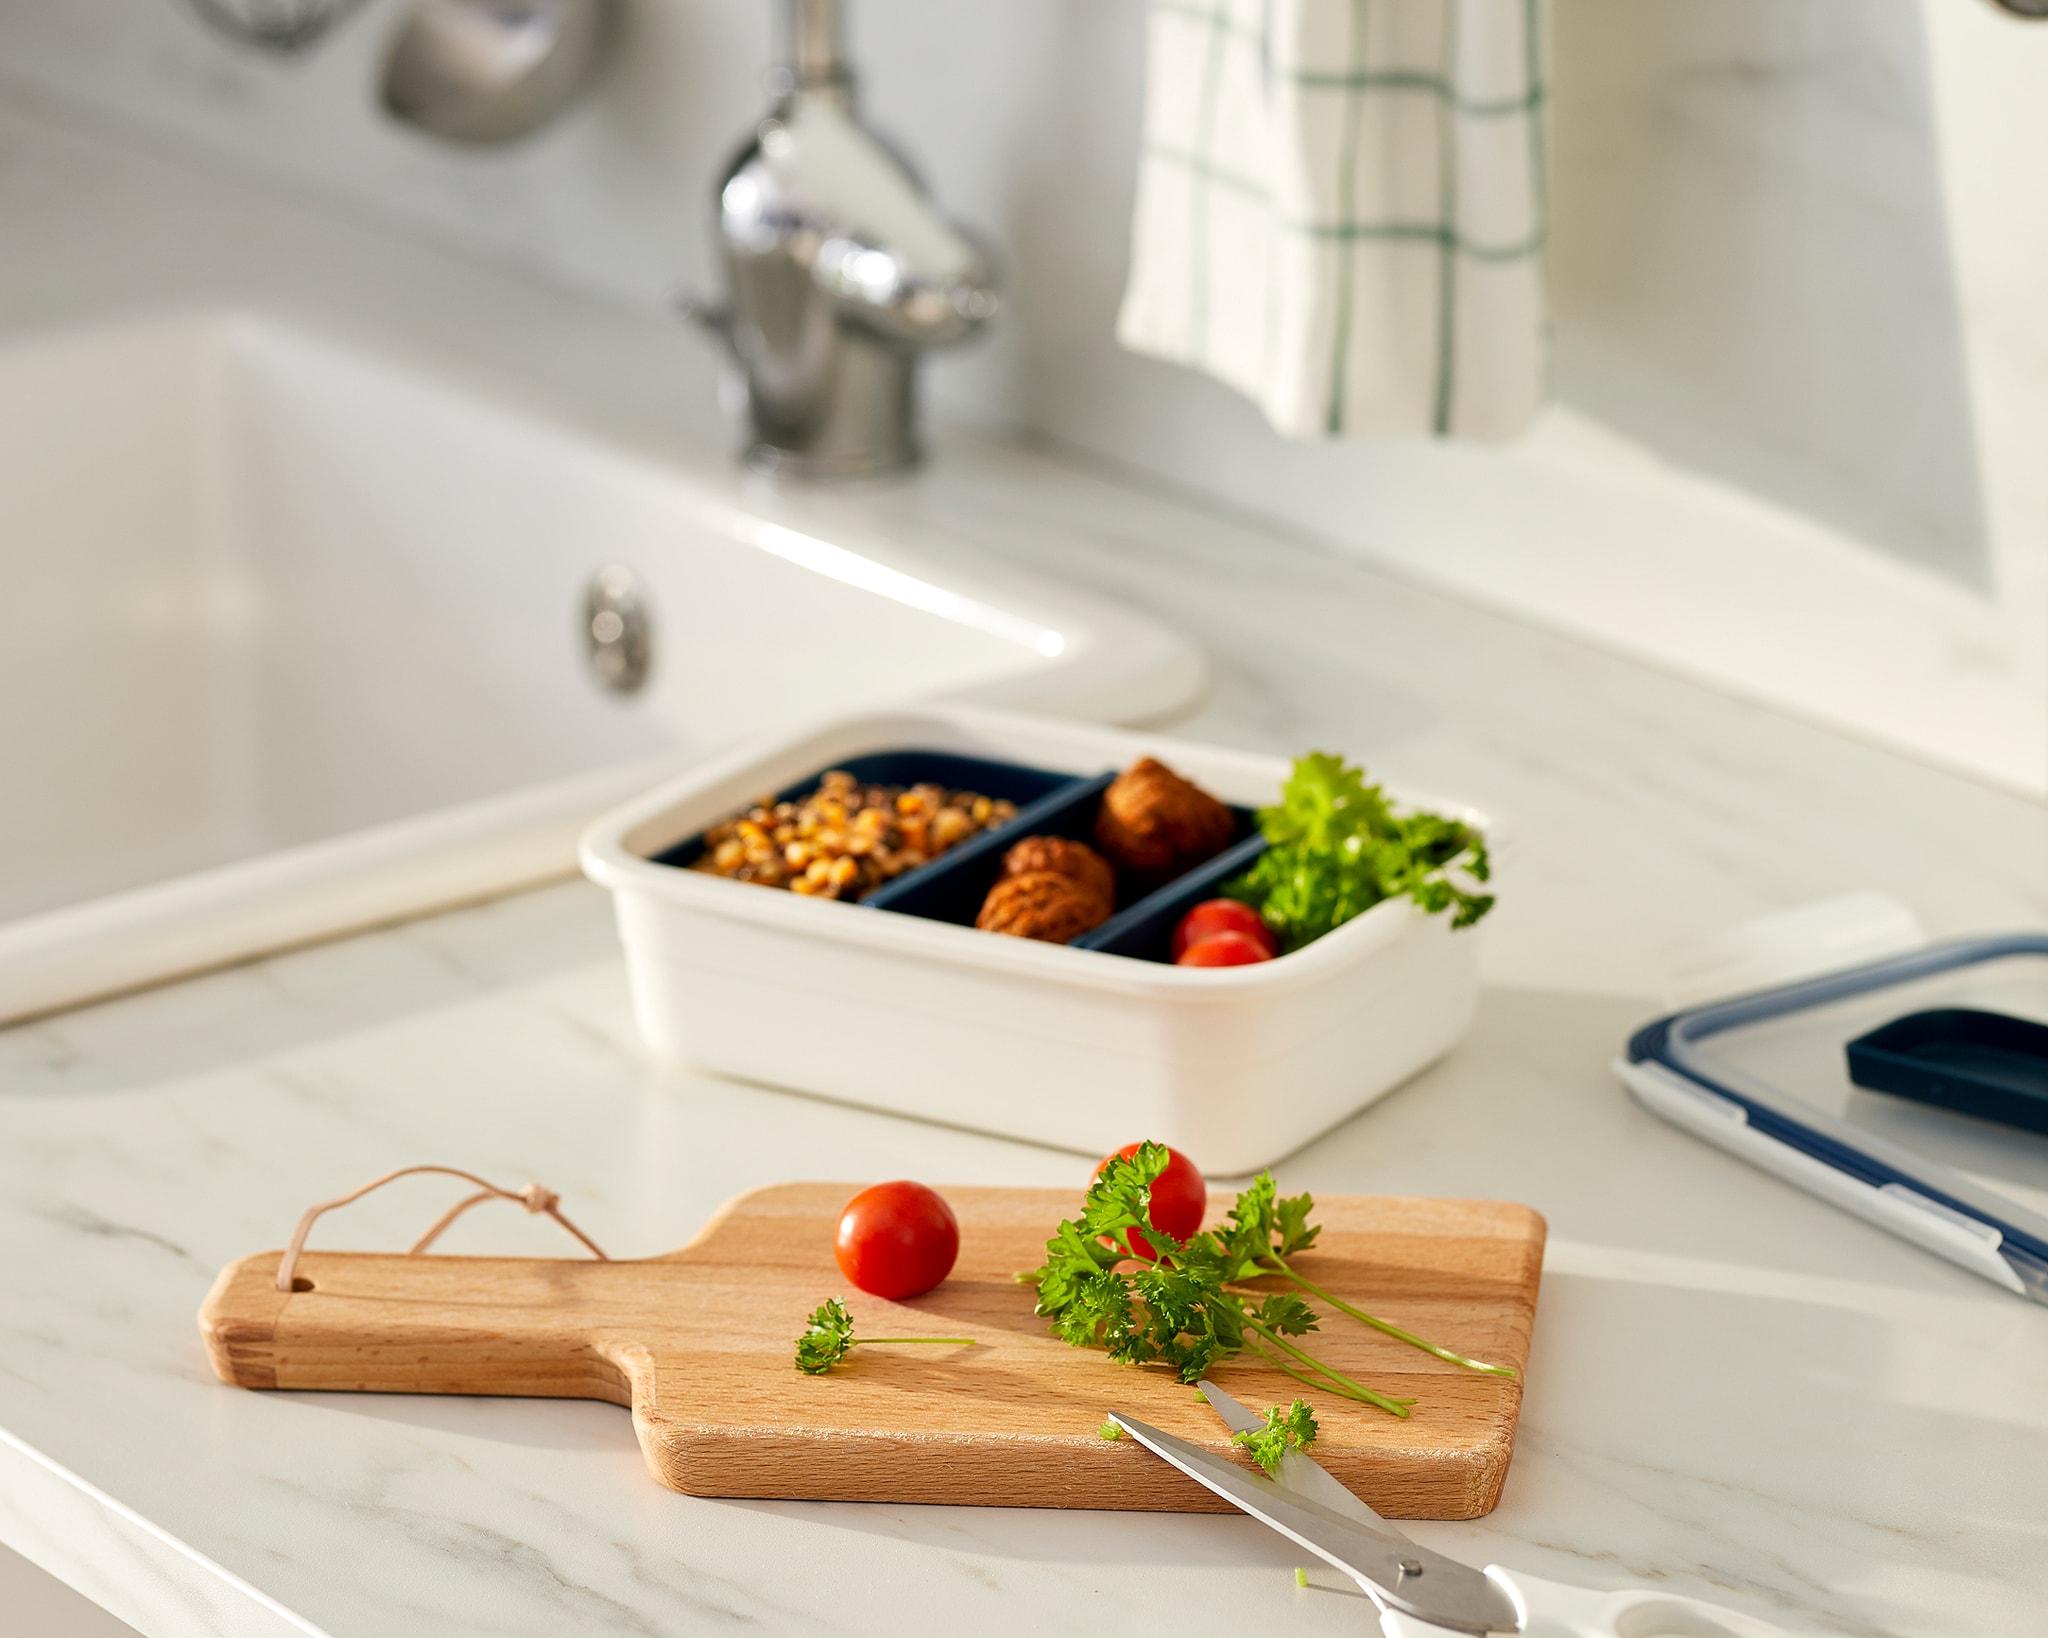 Meja dapur dengan makanan di sebuah wadah berkompartemen, talenan dengan tomat dan rempah-rempah yang baru dipotong.